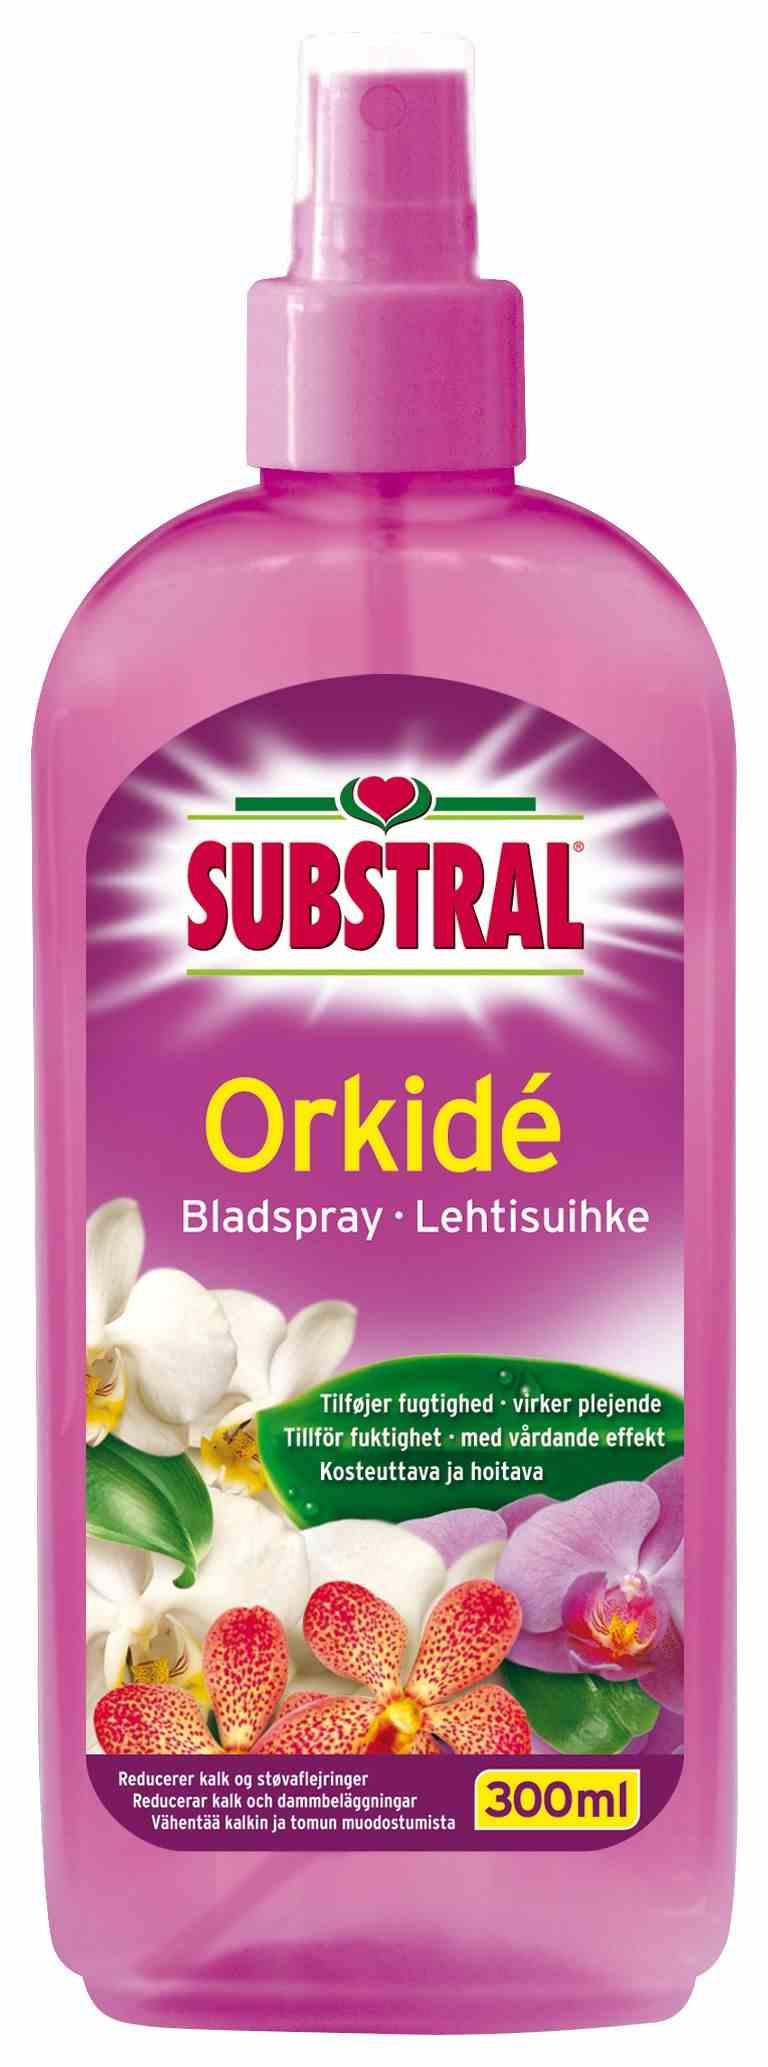 Orkidé bladsprey - Substral